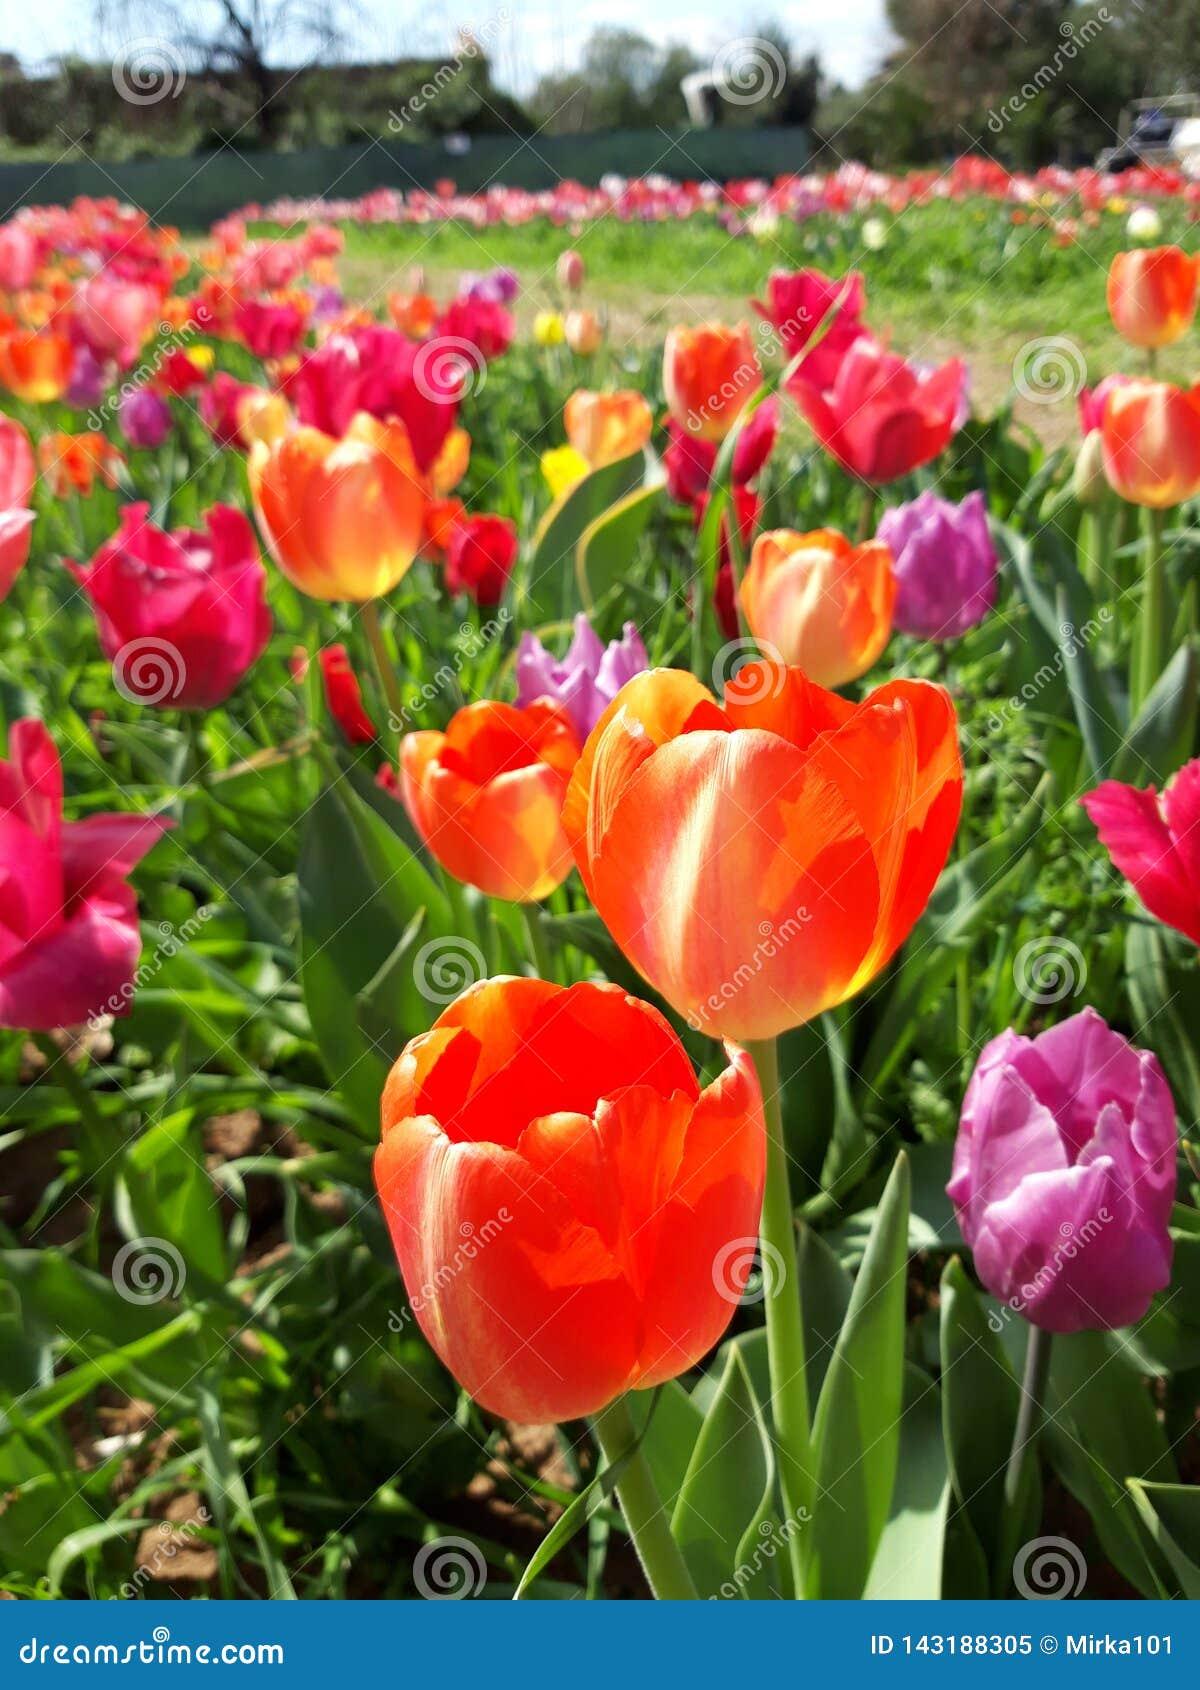 Étendue de pré coloré de tulipes au printemps Beau jour ensoleillé de mars Mille couleurs des tulipes néerlandaises